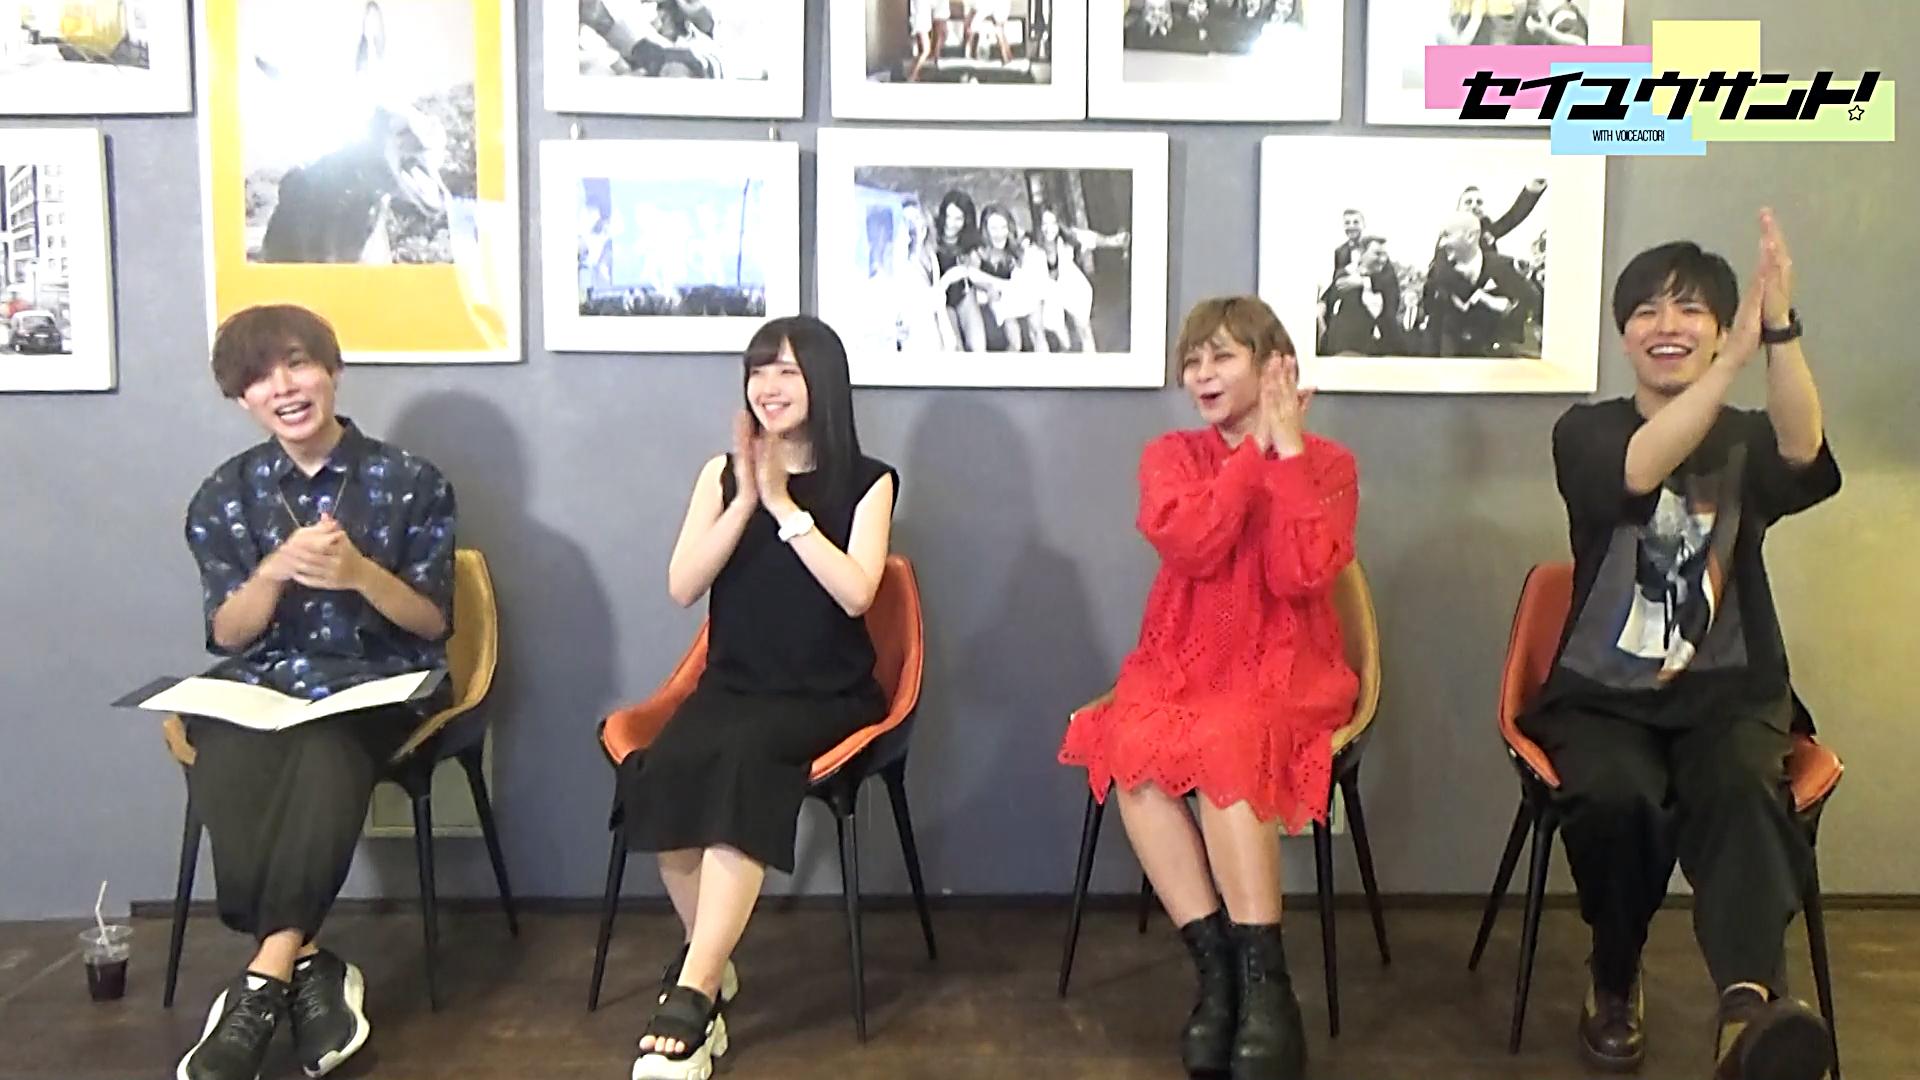 声優YouTubeチャンネル「セイユウサント!」開設!岡本信彦、鬼頭明里、石谷春貴、ファイルーズあいの手相とは?